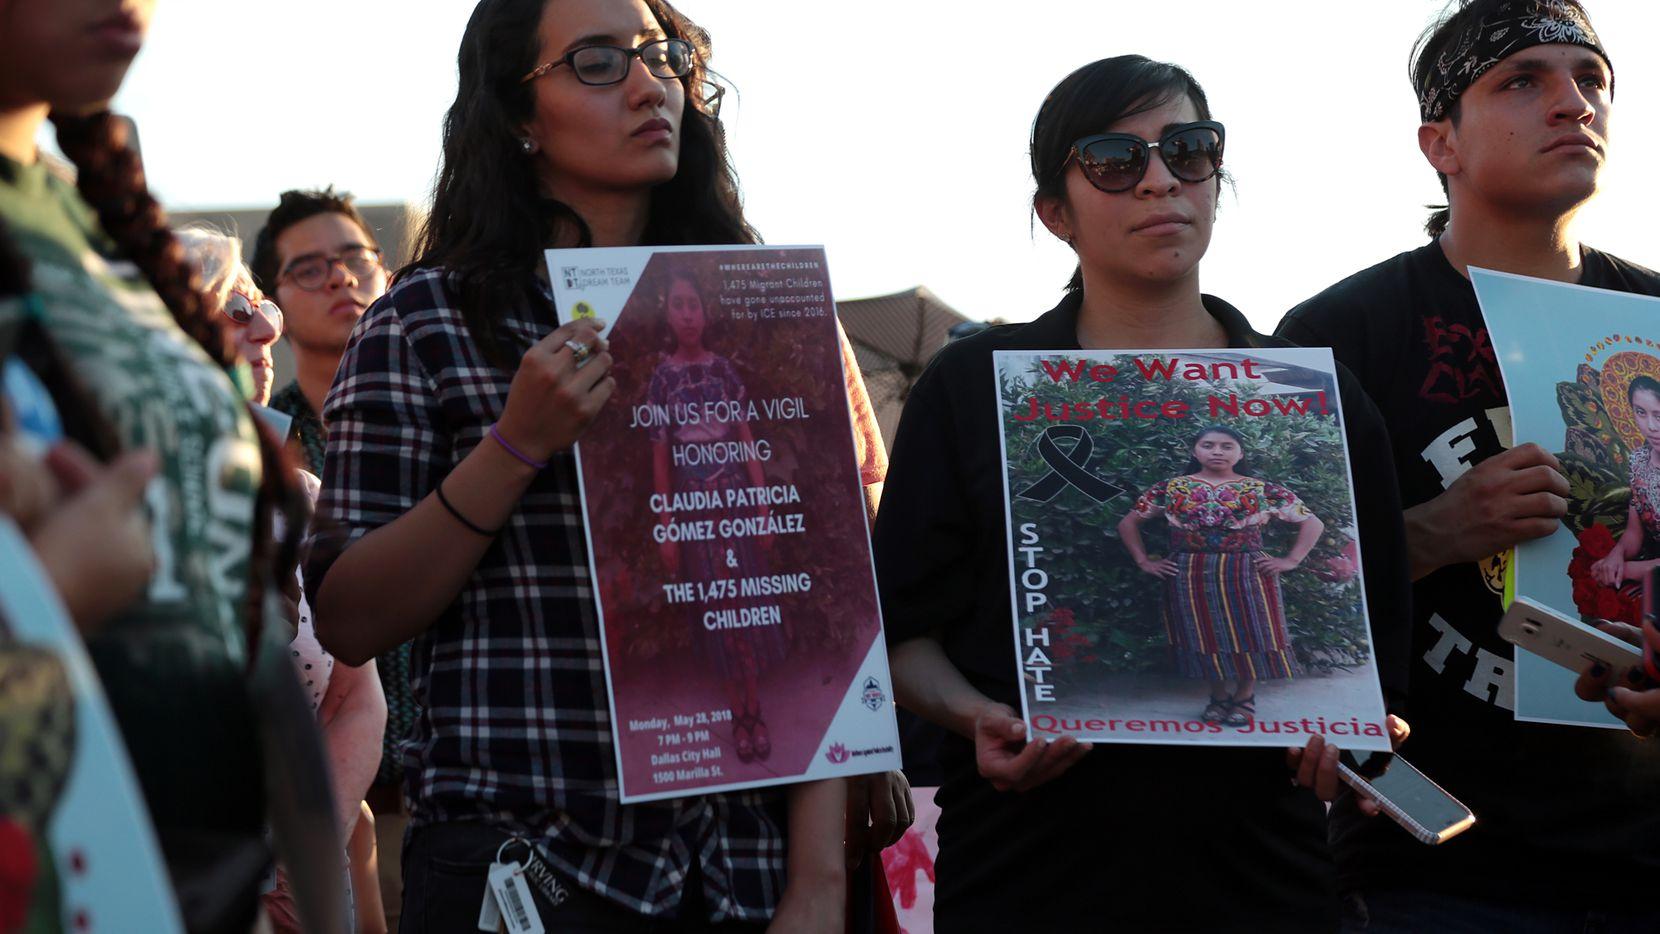 Un grupo de personas se reunió en la Alcaldía de Dallas el lunes para protestar por la muerte de Claudia Patricia Gómez González, de Guatemala, quien fue asesinada por un agente de la patrulla fronteriza en el sur de Texas el miércoles y contra los 1475 niños inmigrantes a los que el gobierno de los EE. UU. les perdió la pista. Foto: María Olivas / Especial para Al Día